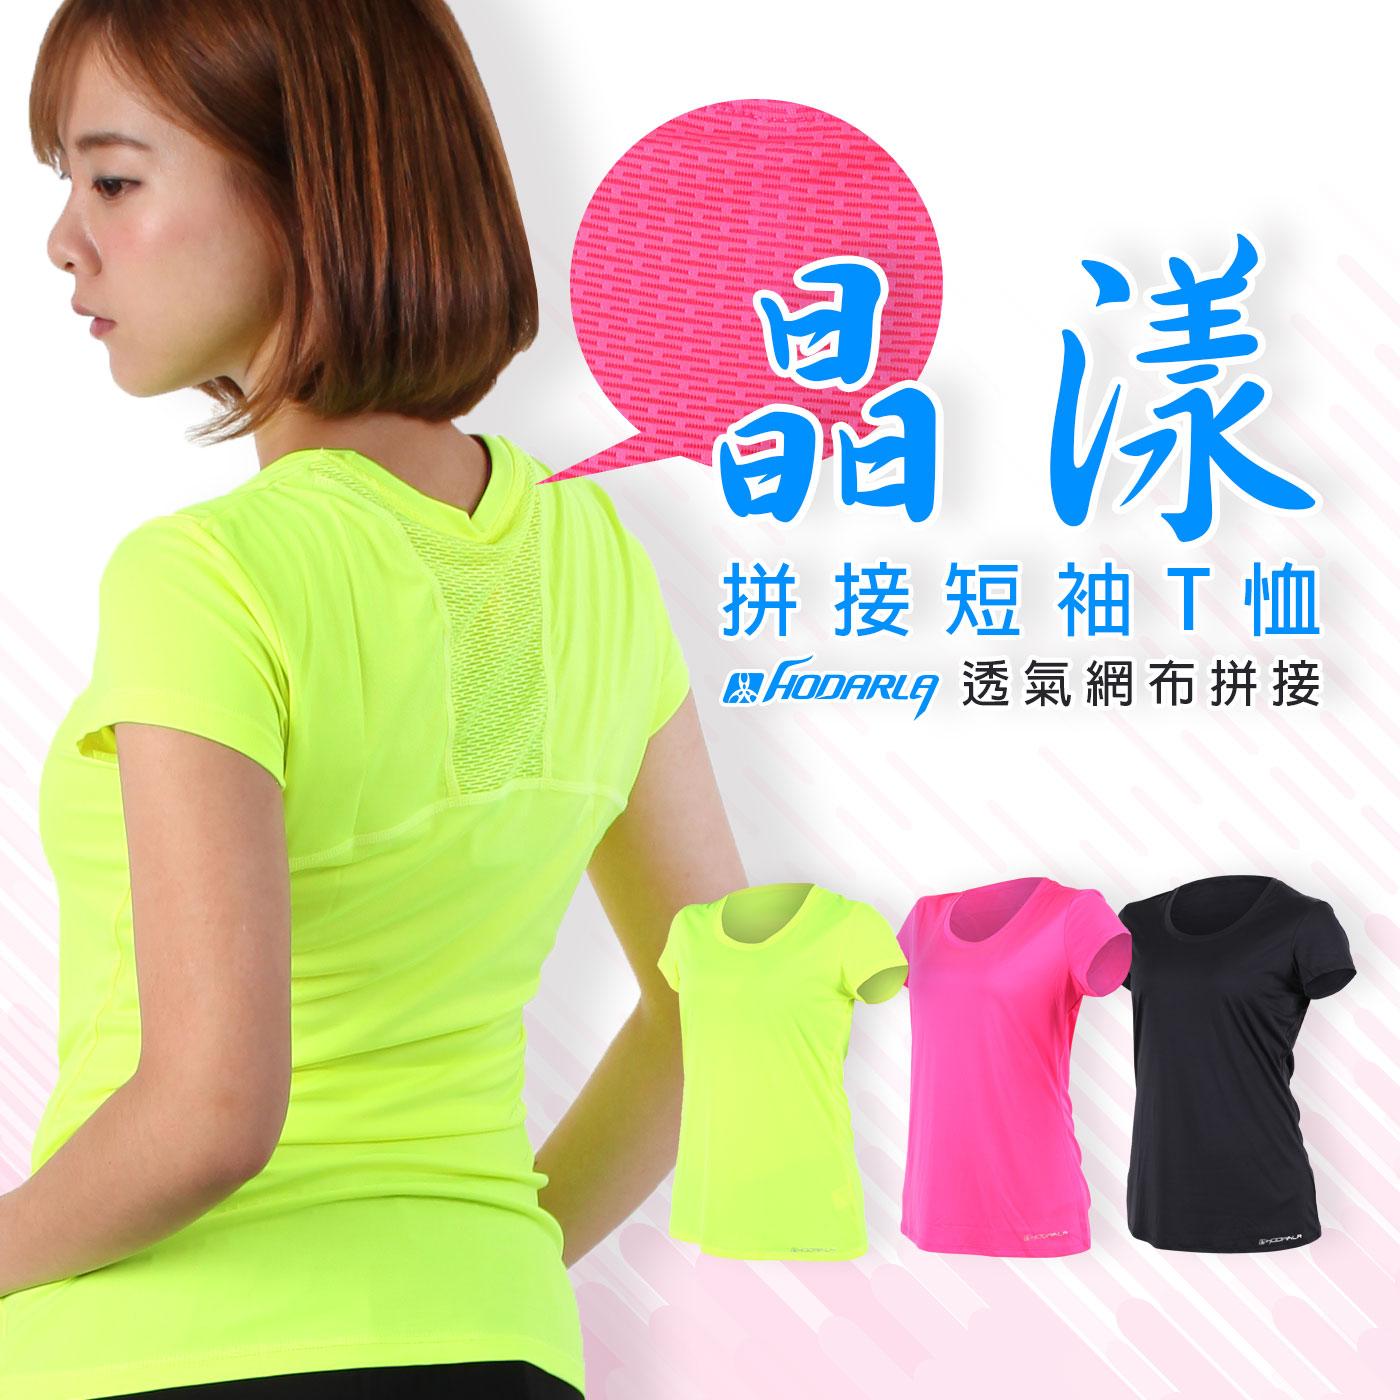 HODARLA 女款晶漾拼接短袖T恤 3125202